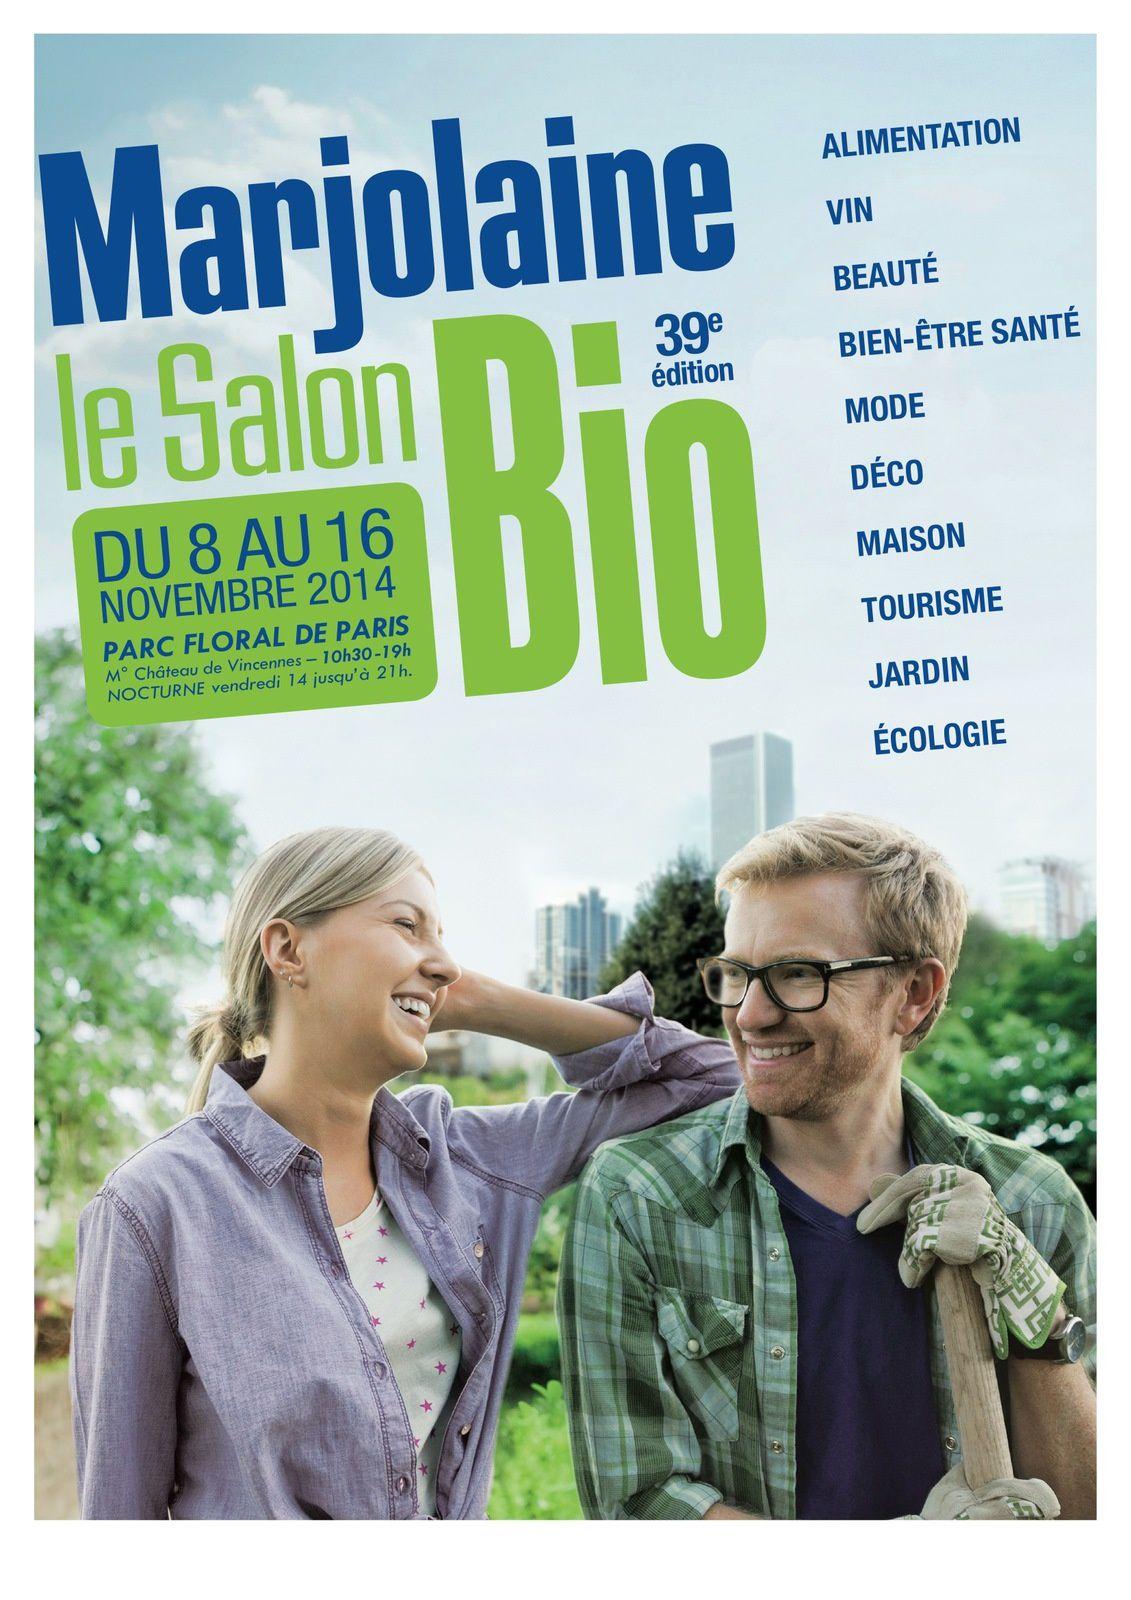 ACTU - Le salon bio Marjolaine du 8 au 16 novembre au parc floral de Paris